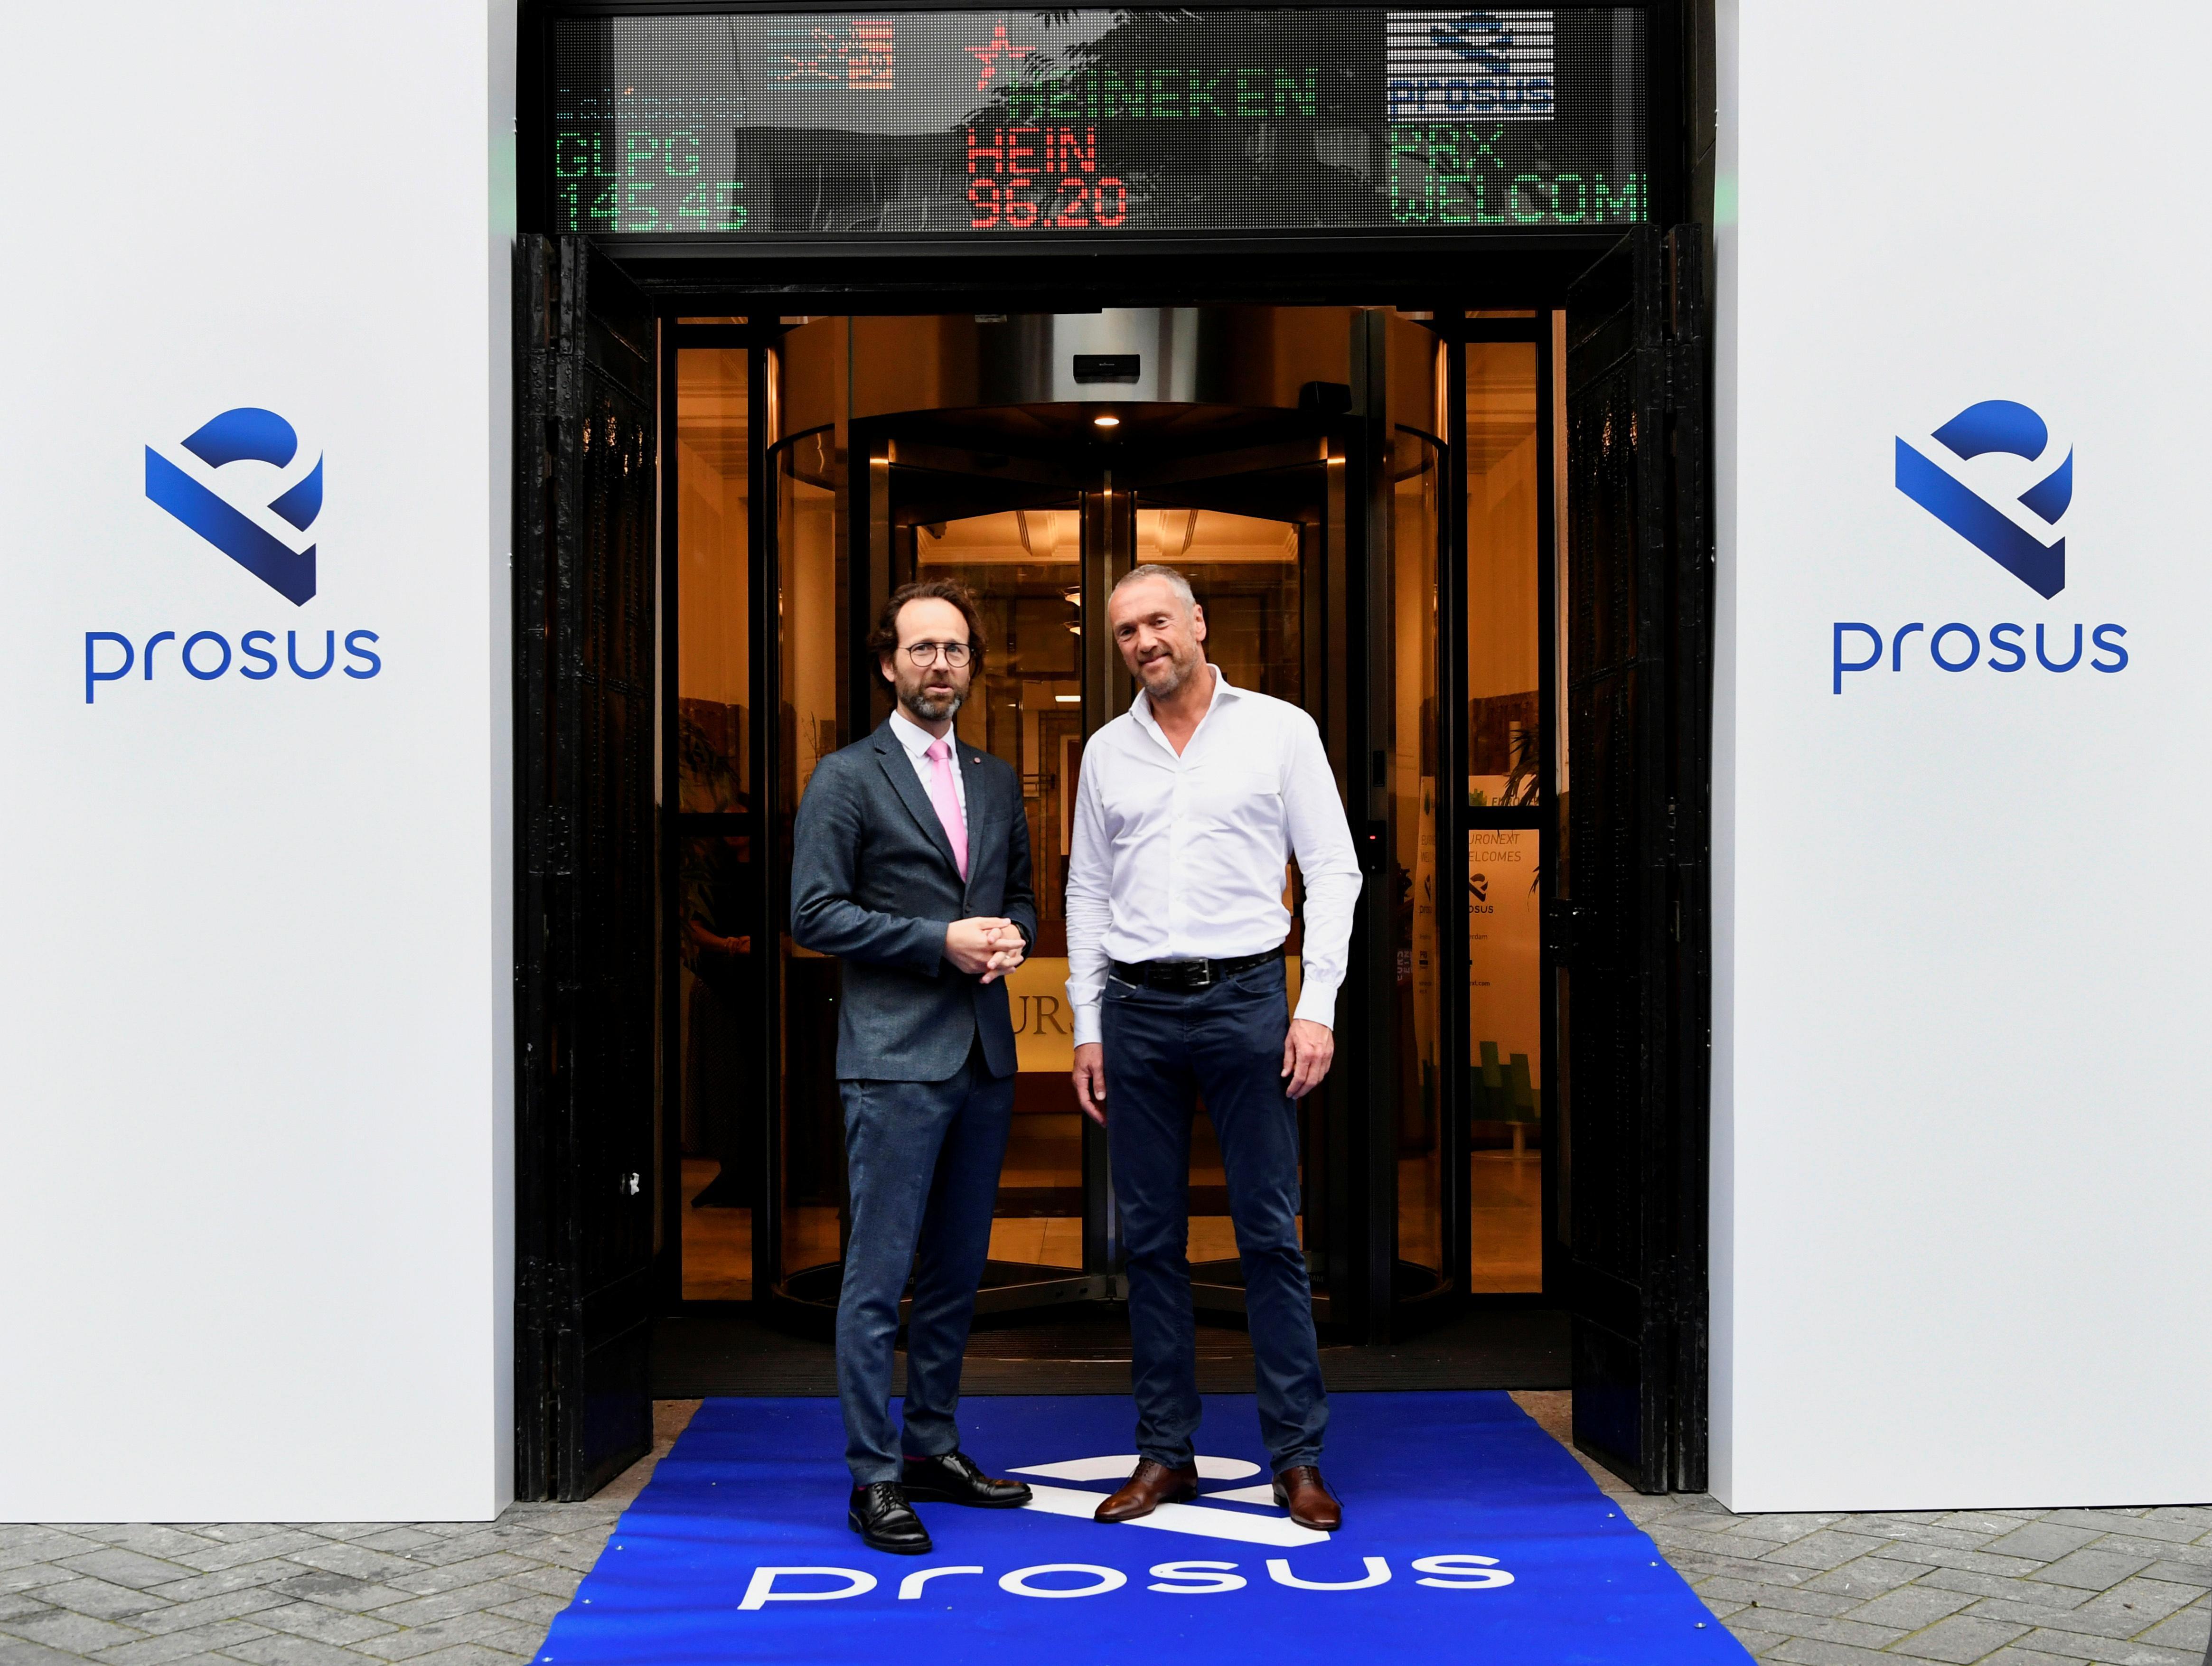 Le spin-off Prosus de Naspers augmente de 25% lors de ses débuts sur le marché à Amsterdam